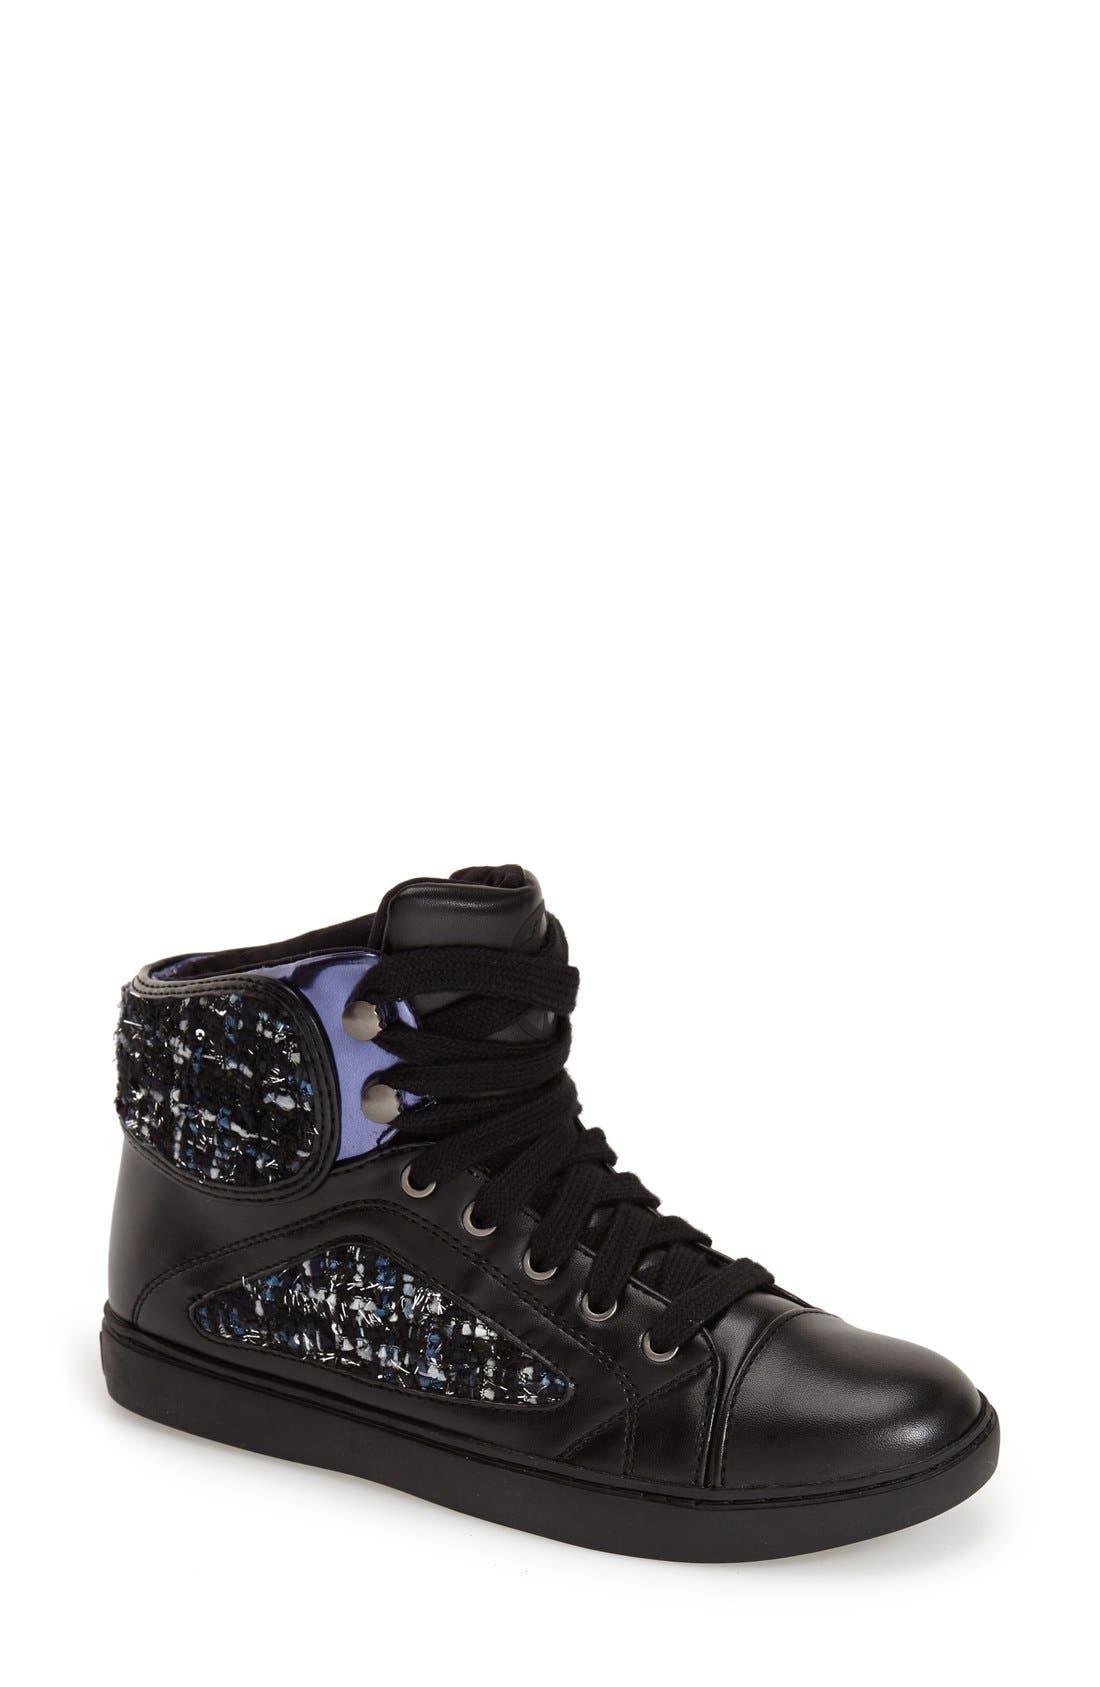 Alternate Image 1 Selected - GUESS 'Revera' Sneaker (Women)